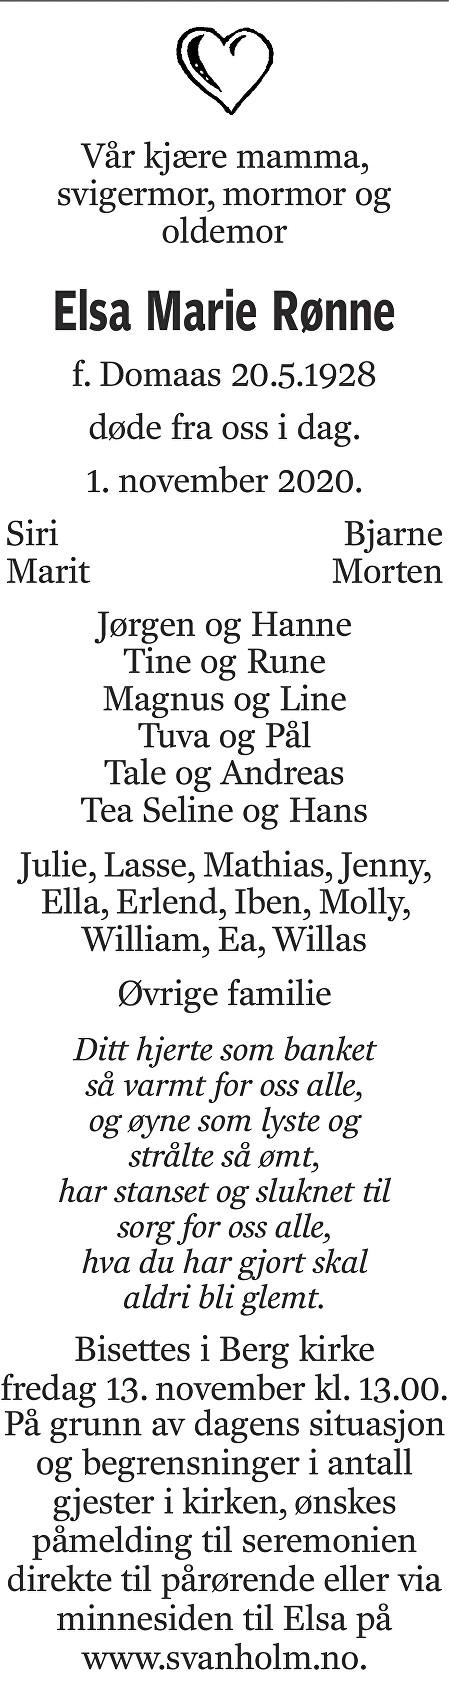 Elsa Marie Rønne Dødsannonse